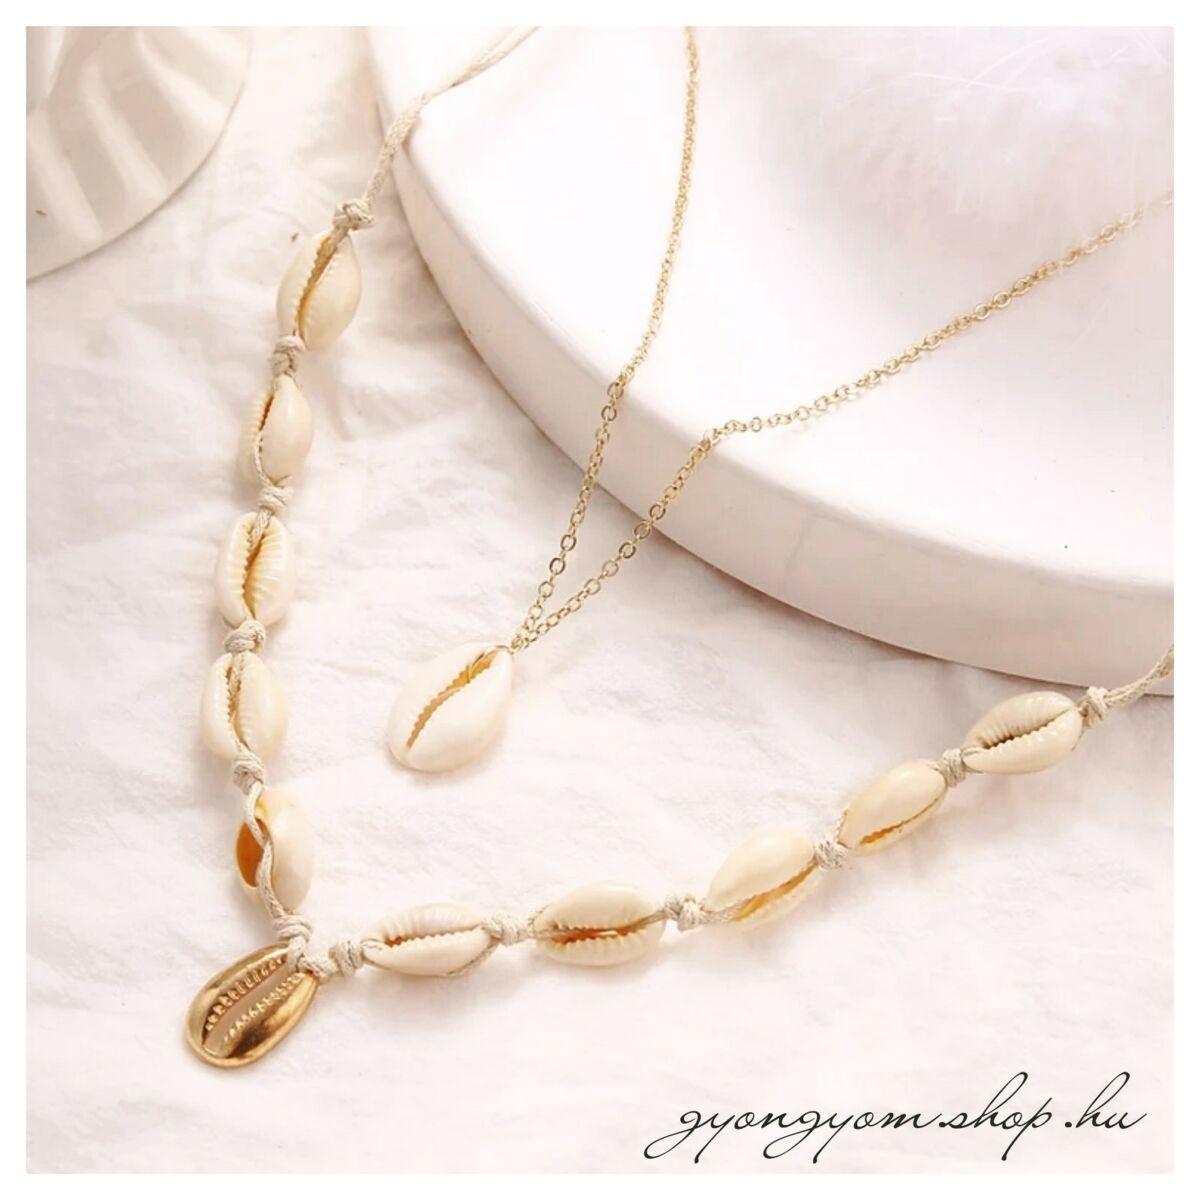 Amoli kagylós nyaklánc